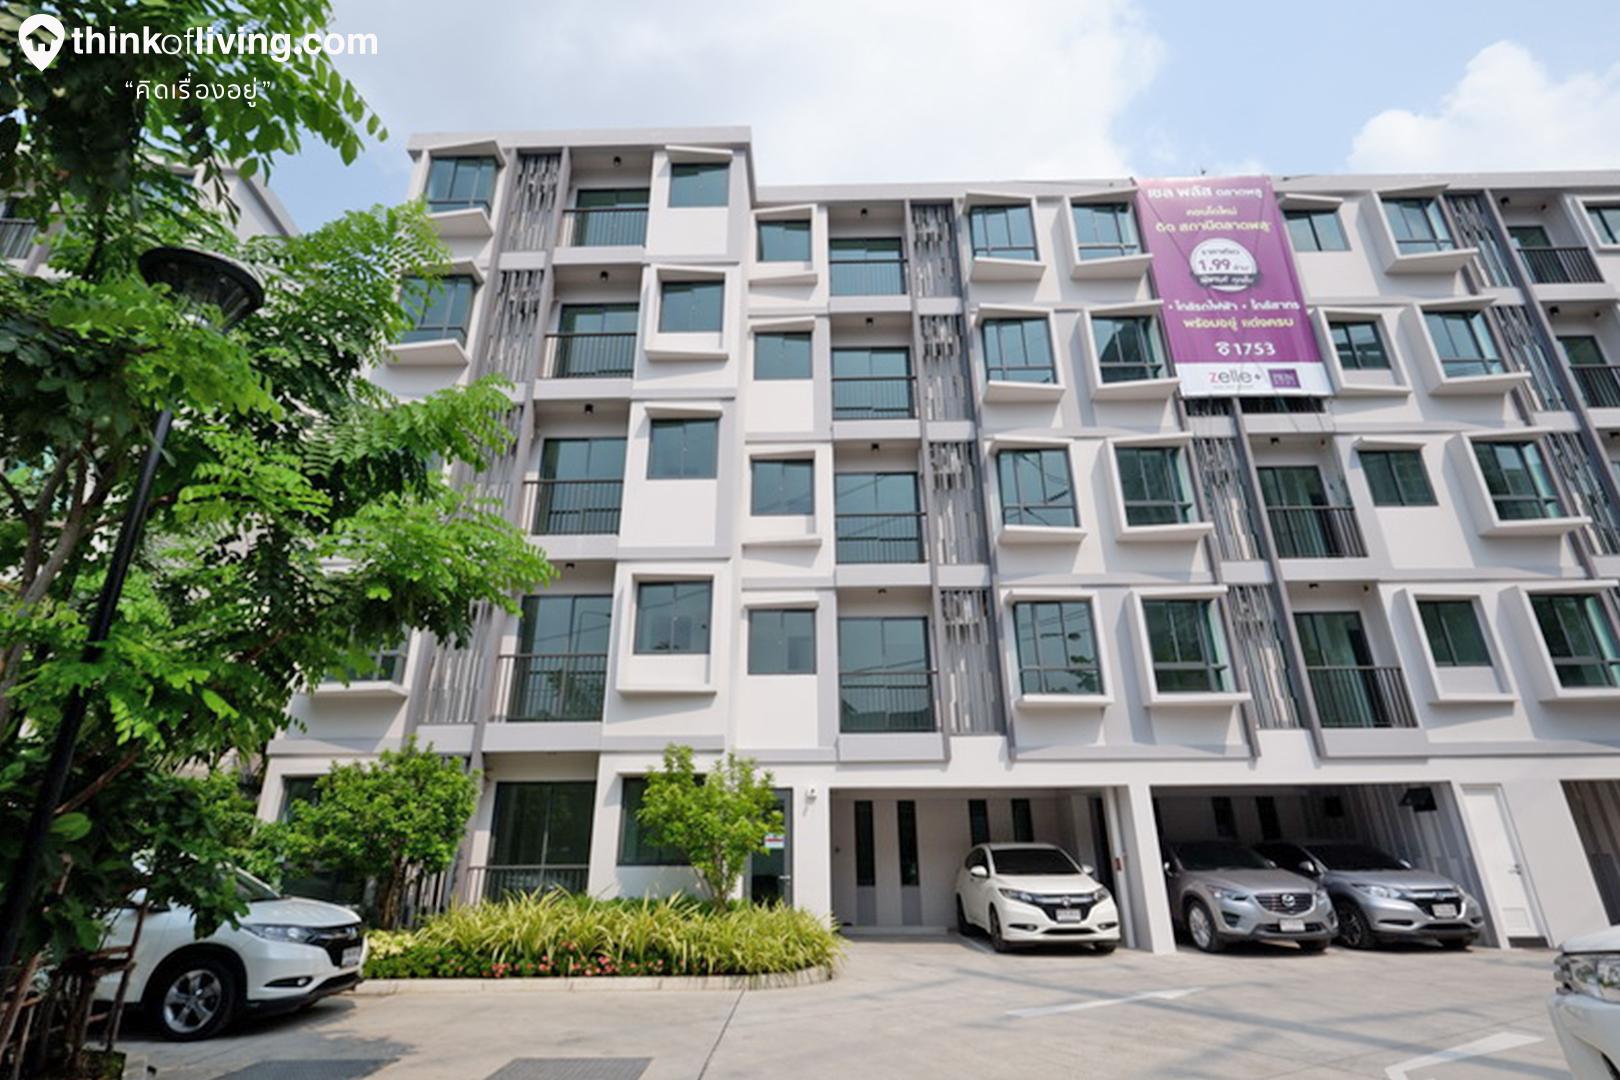 พาชมโครงการ เซล พลัส ตลาดพลู สเตชั่น By Prinsiri คอนโด Low Rise ติดถนนใหญ่ ใกล้ BTS ตลาดพลู 200 เมตร